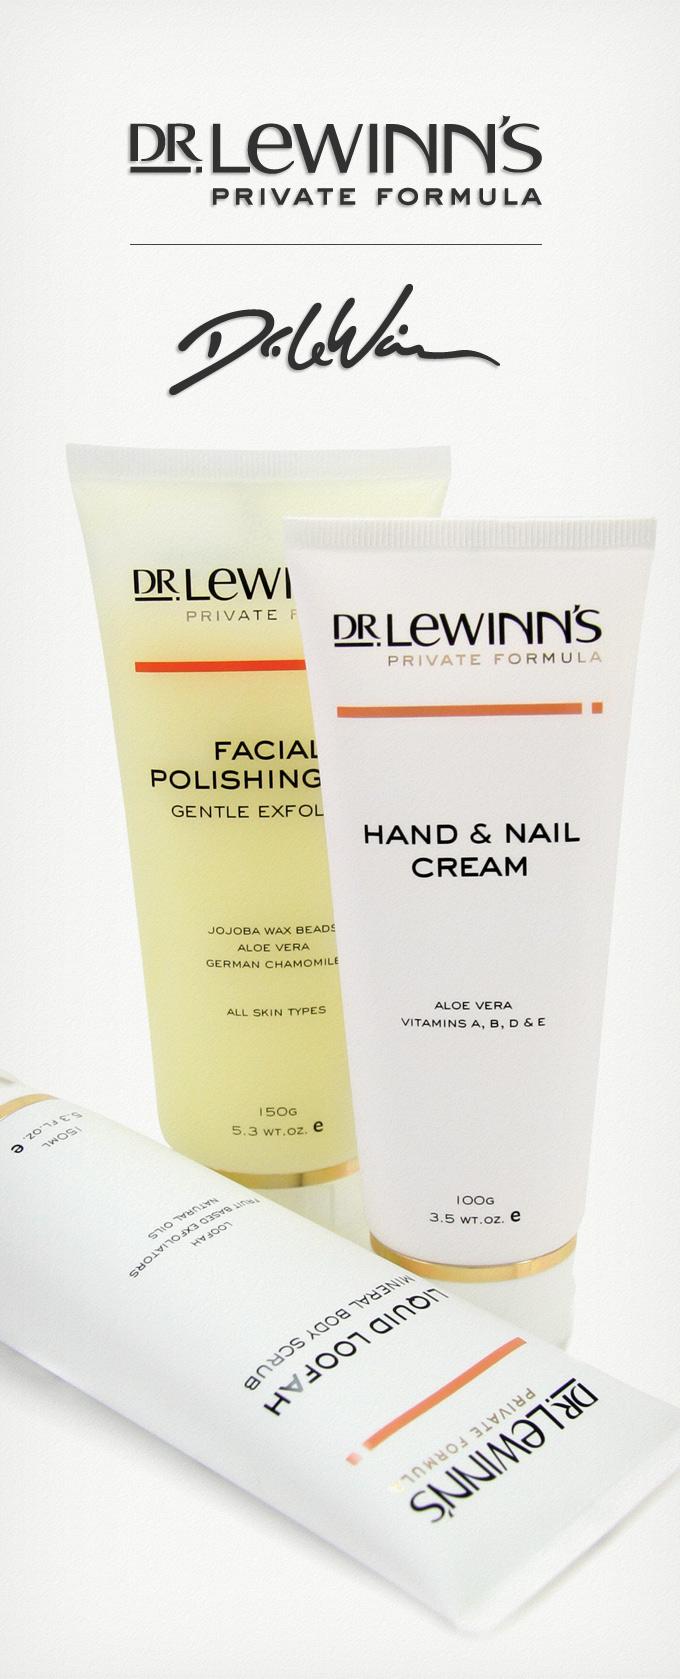 Dr Lewinn's